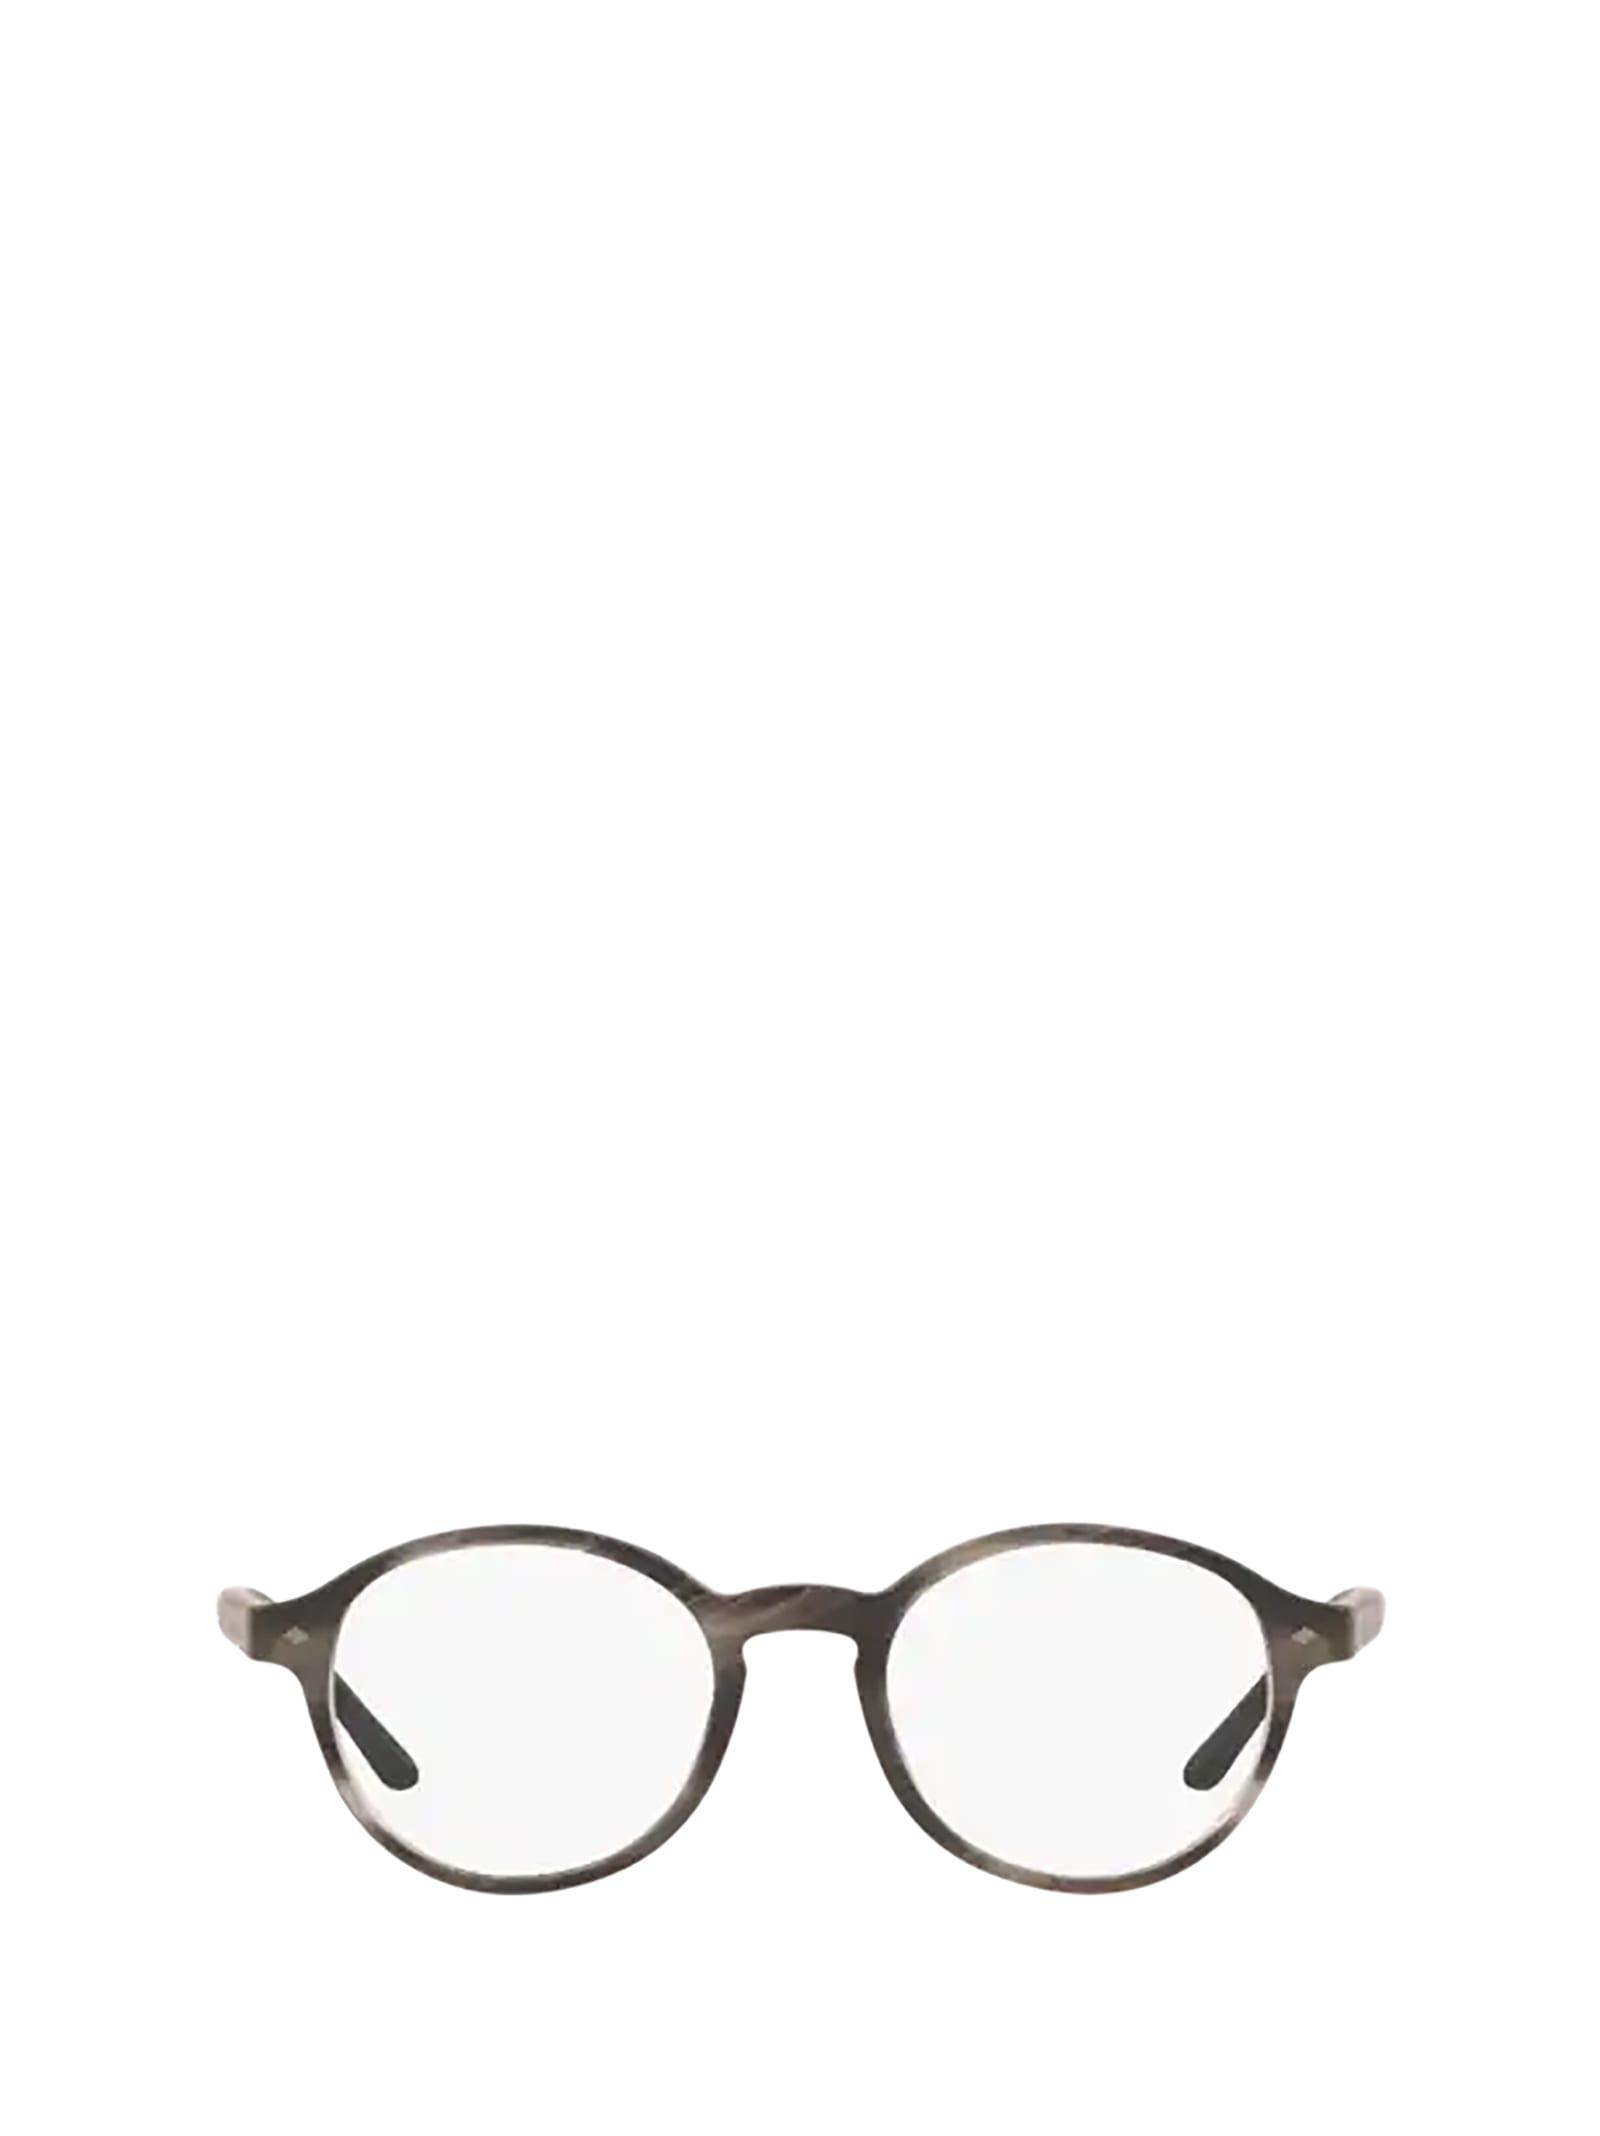 Giorgio Armani Giorgio Armani Ar7004 Matte Striped Grey Glasses